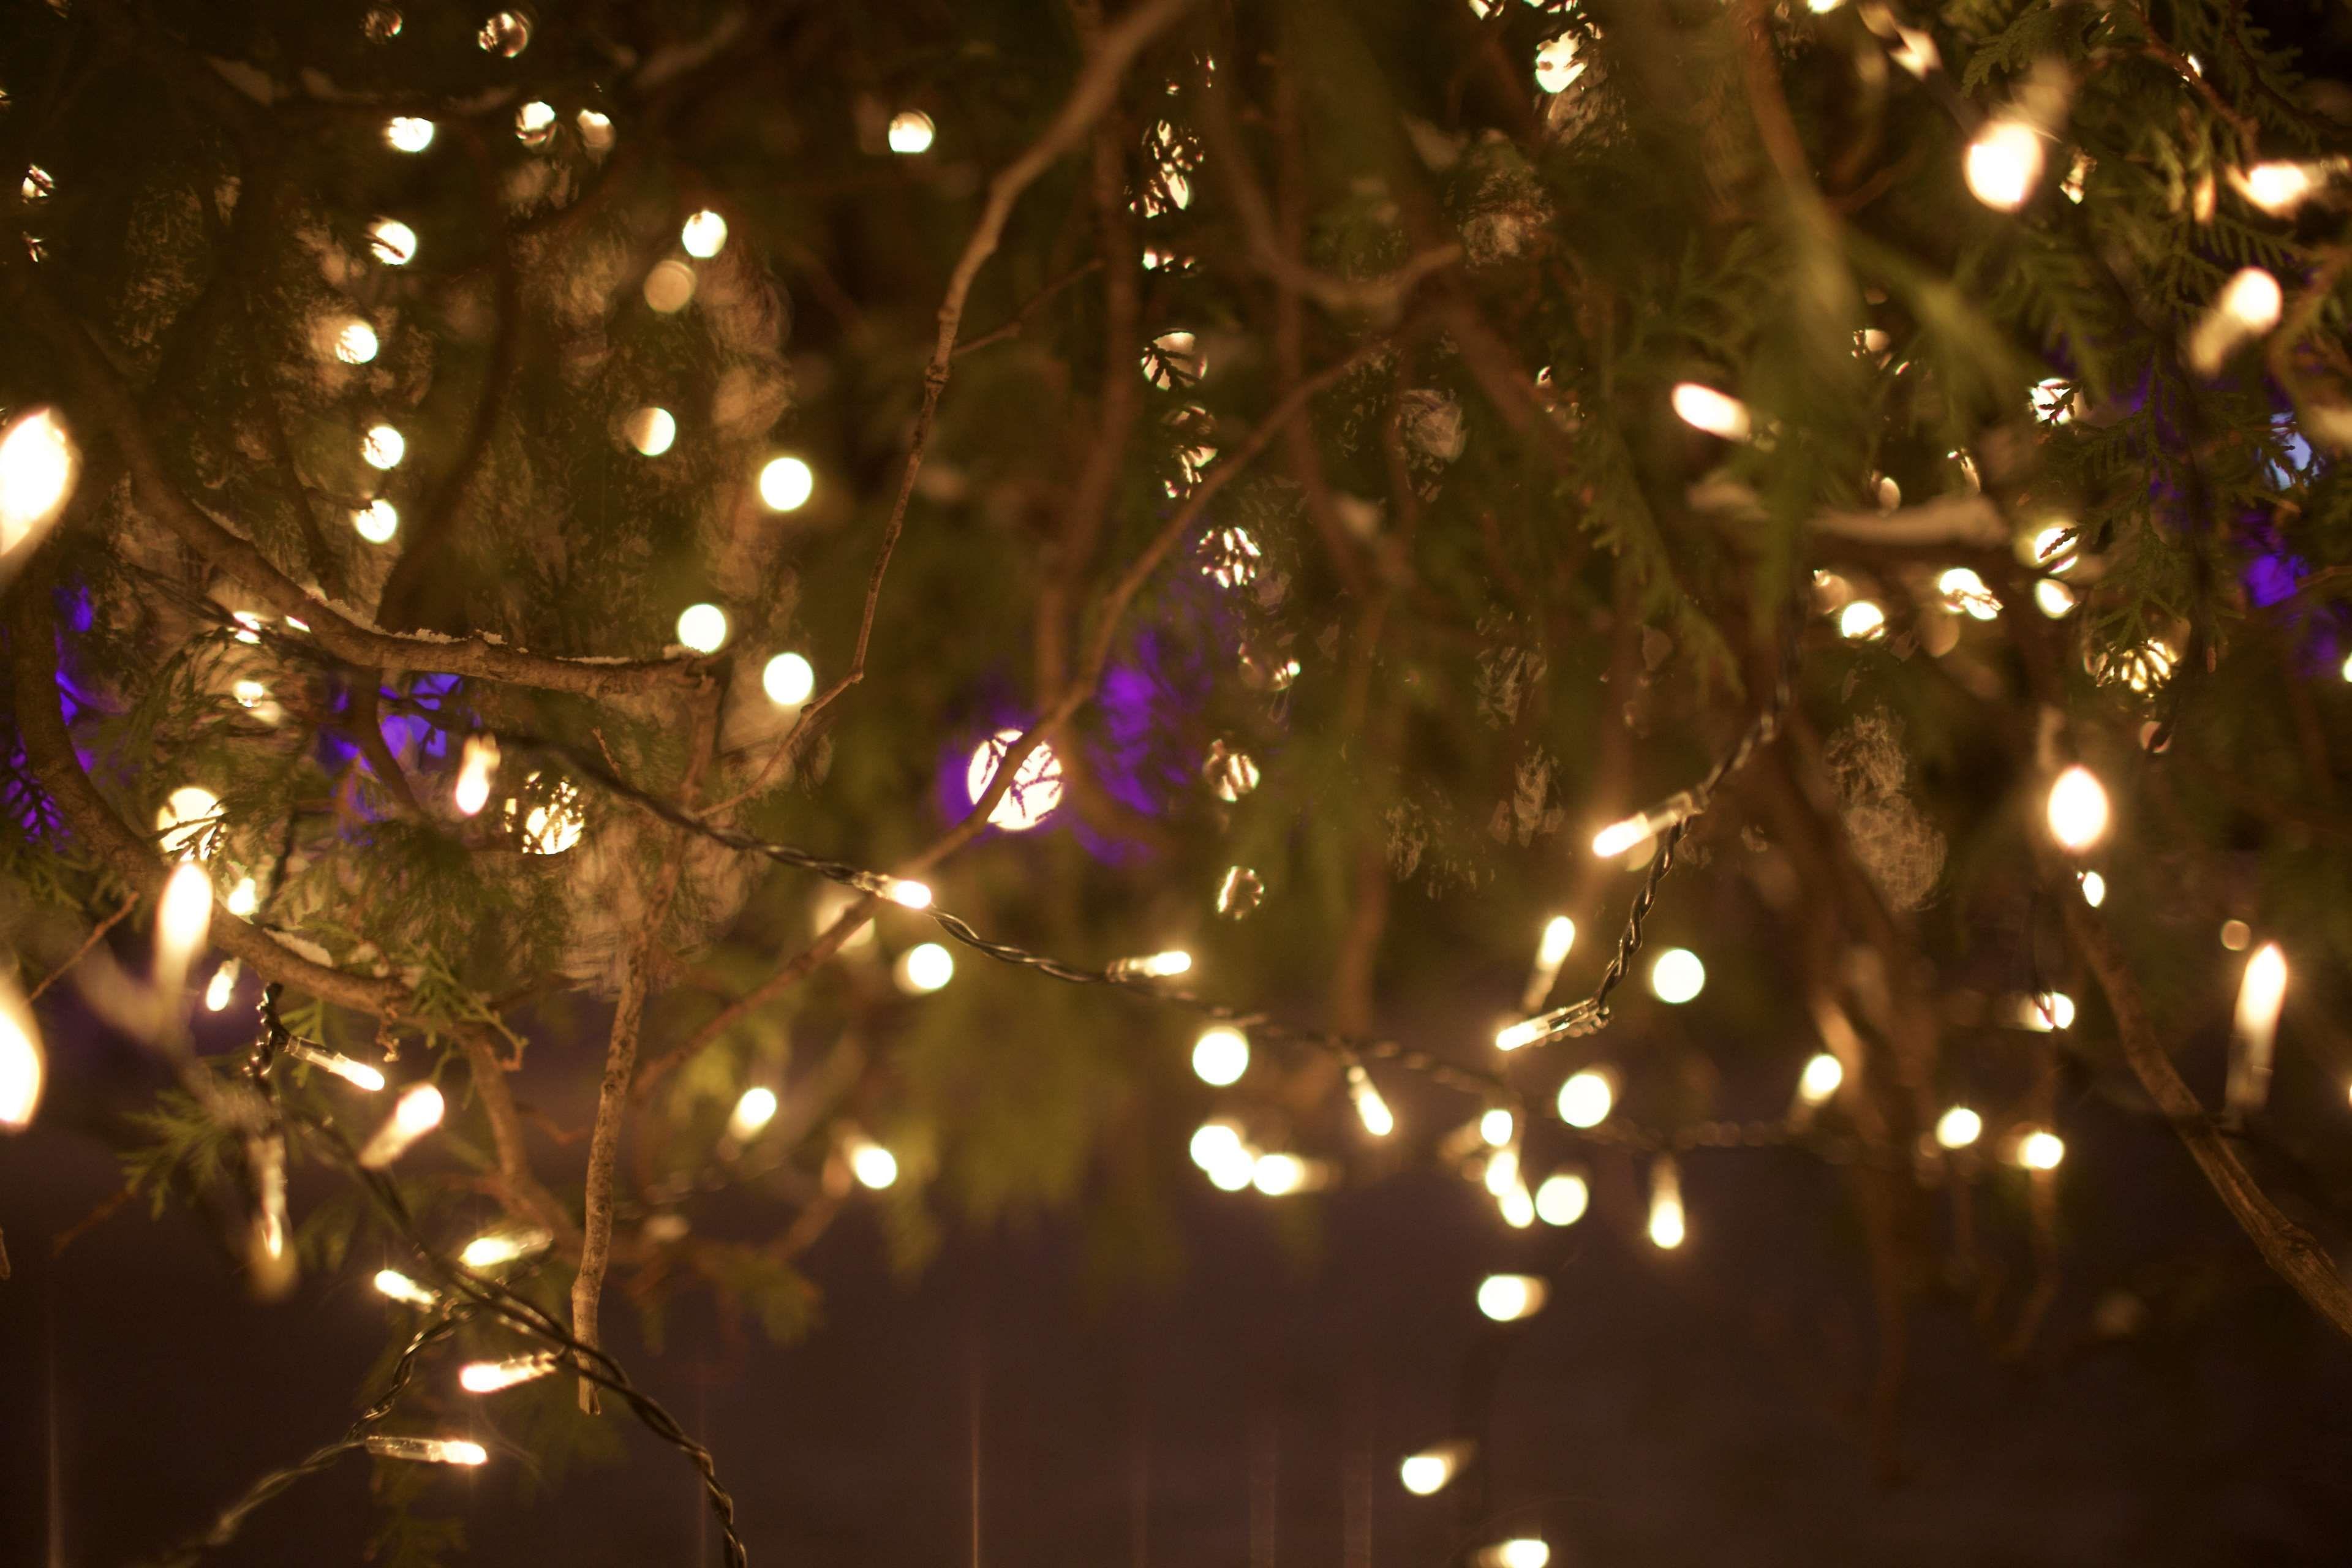 background #bokeh #christmas #christmas decoration #christmas lights